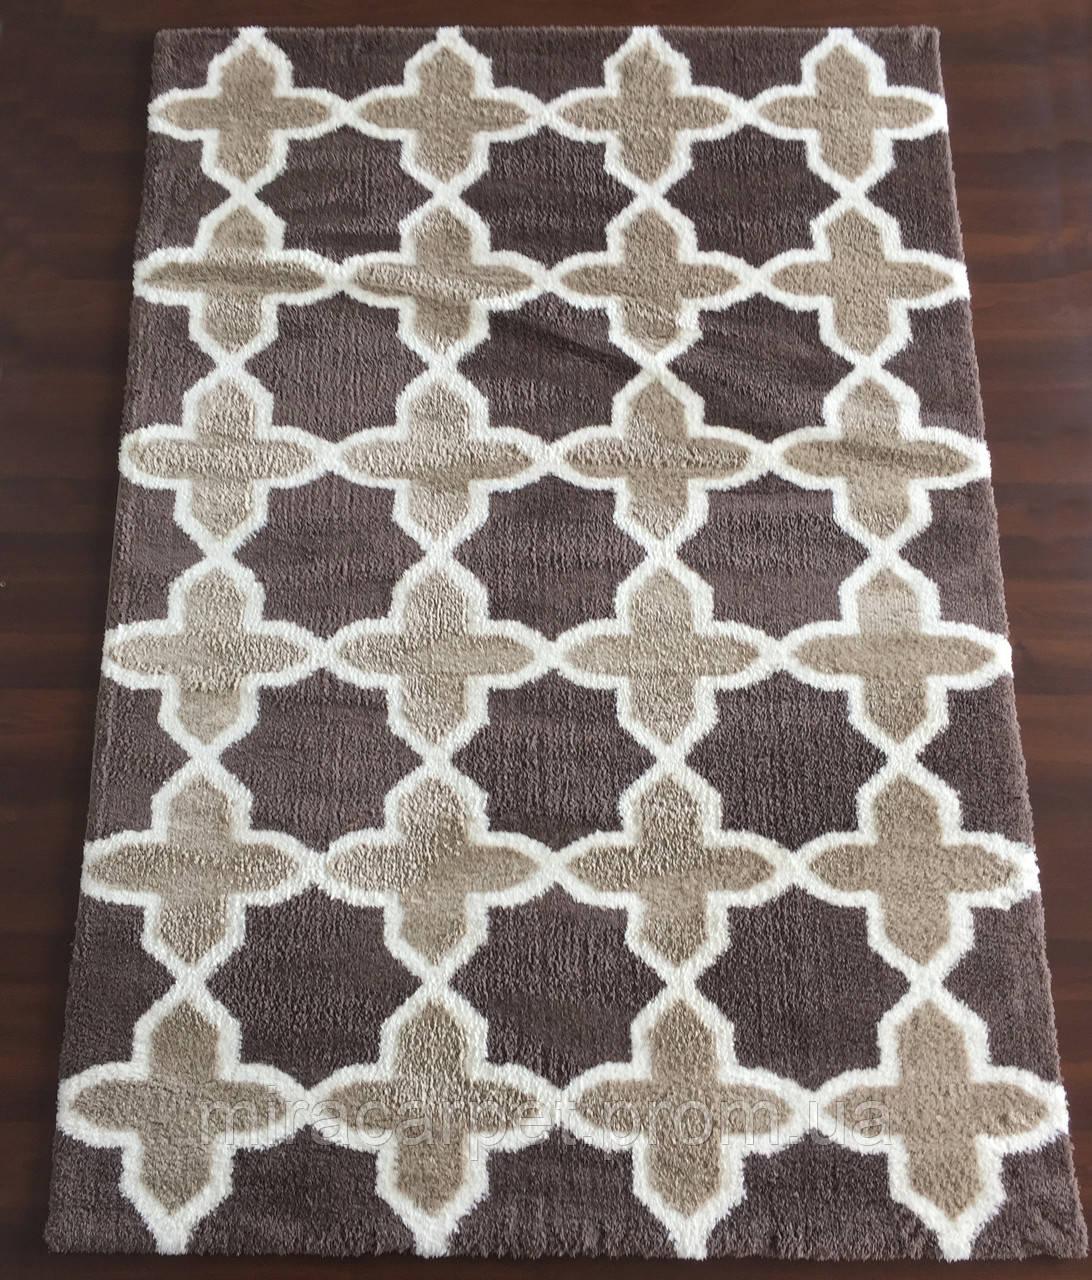 Практичные мягкие ковры, мягкие красивые ковры, мягкие удобные ковры